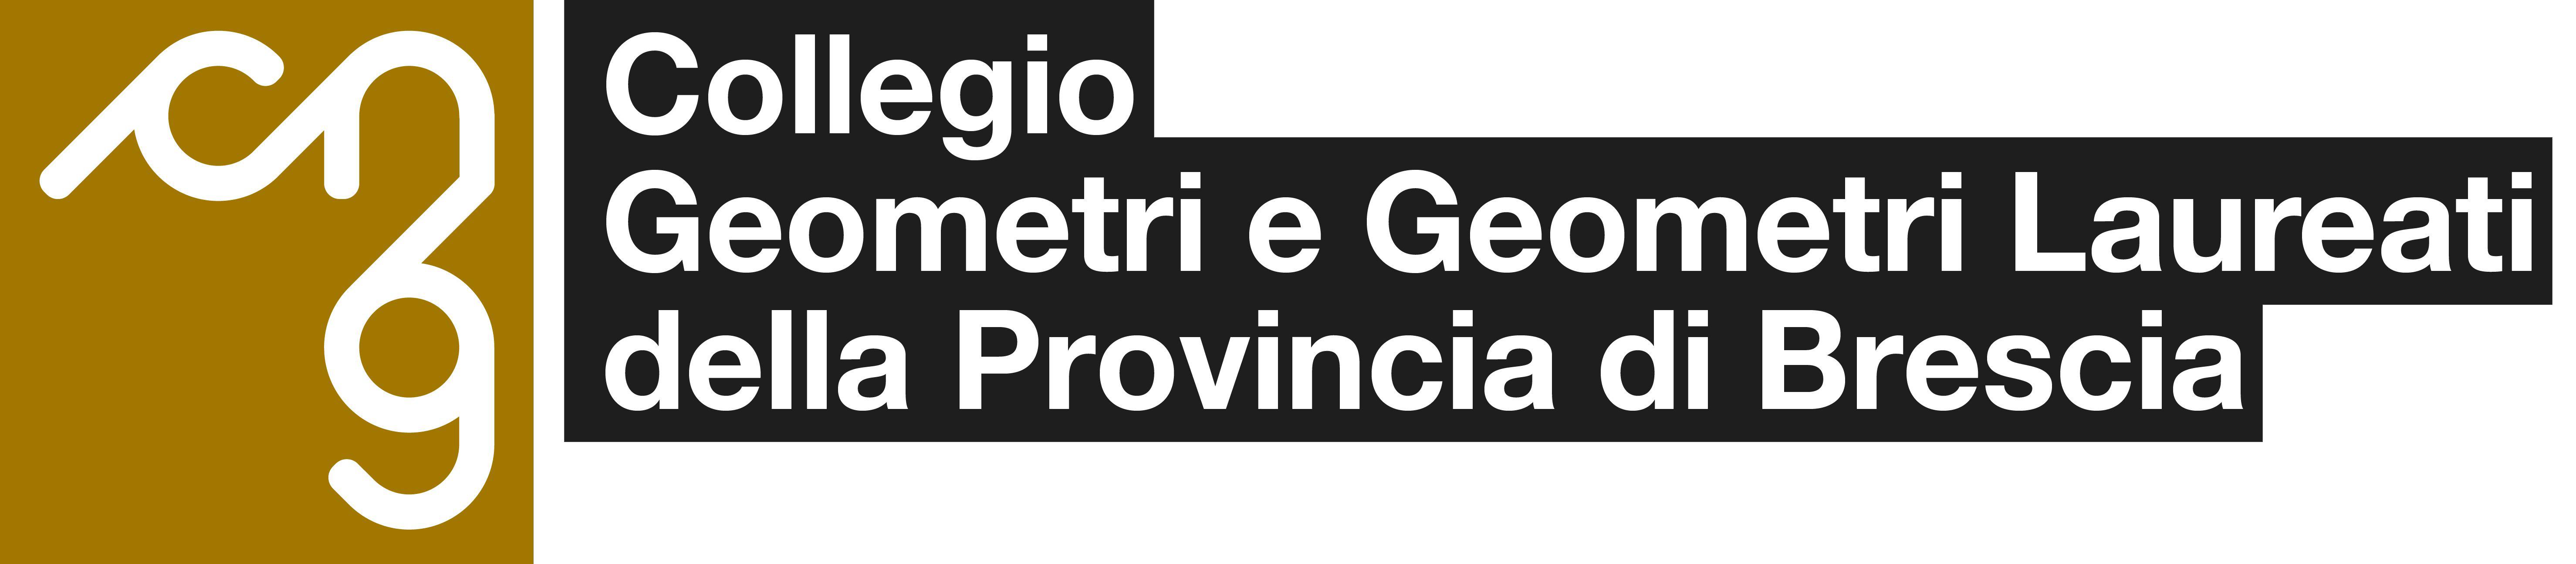 Collegio dei Geometri e Geometri Laureati della provincia di Brescia